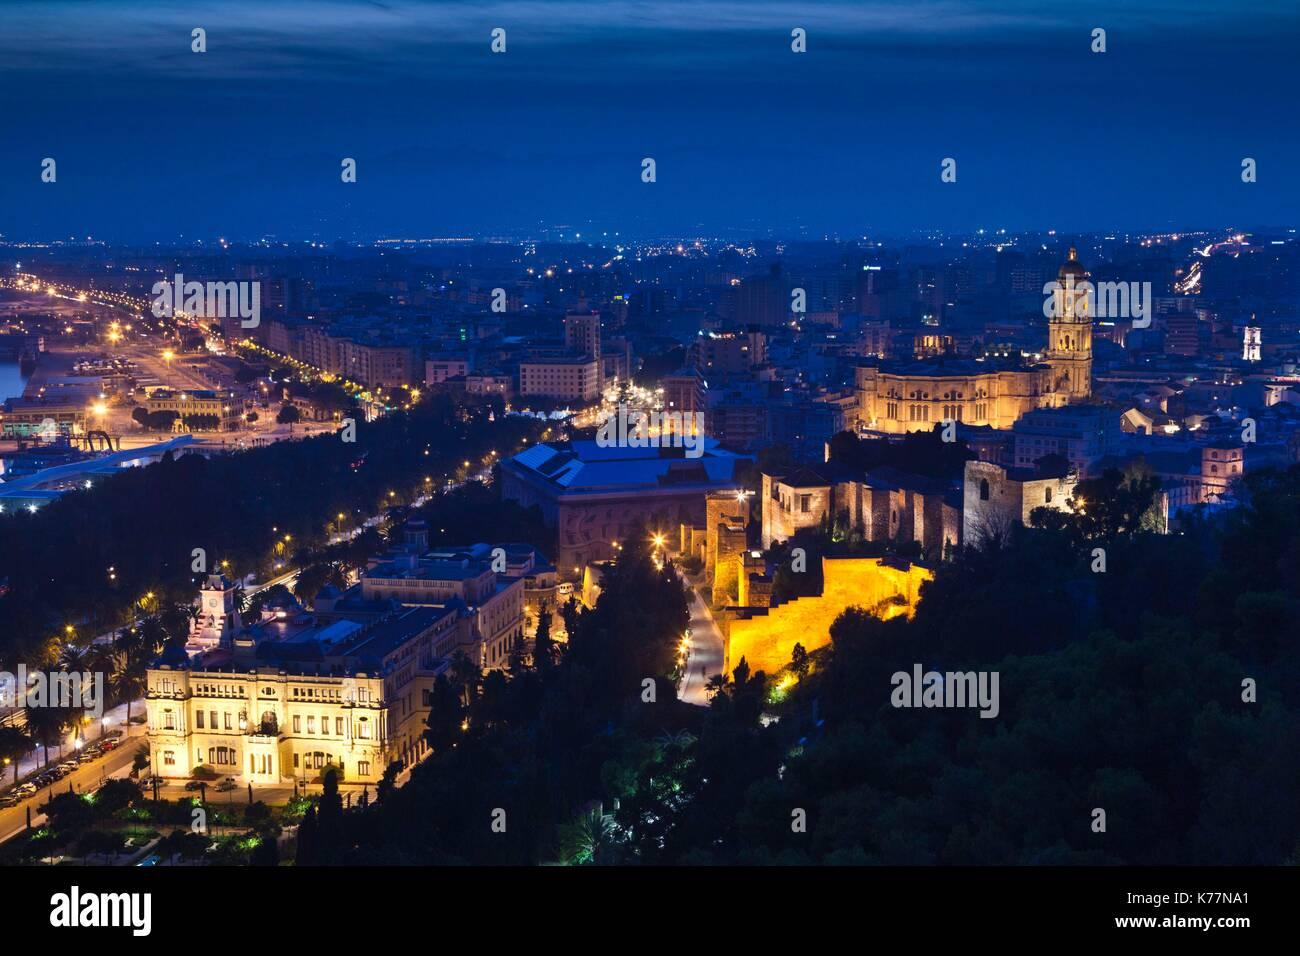 Spanien, Andalusien, Provinz Malaga, Malaga, Blick auf die erhöhten Stadt mit Dom, am Abend Stockbild